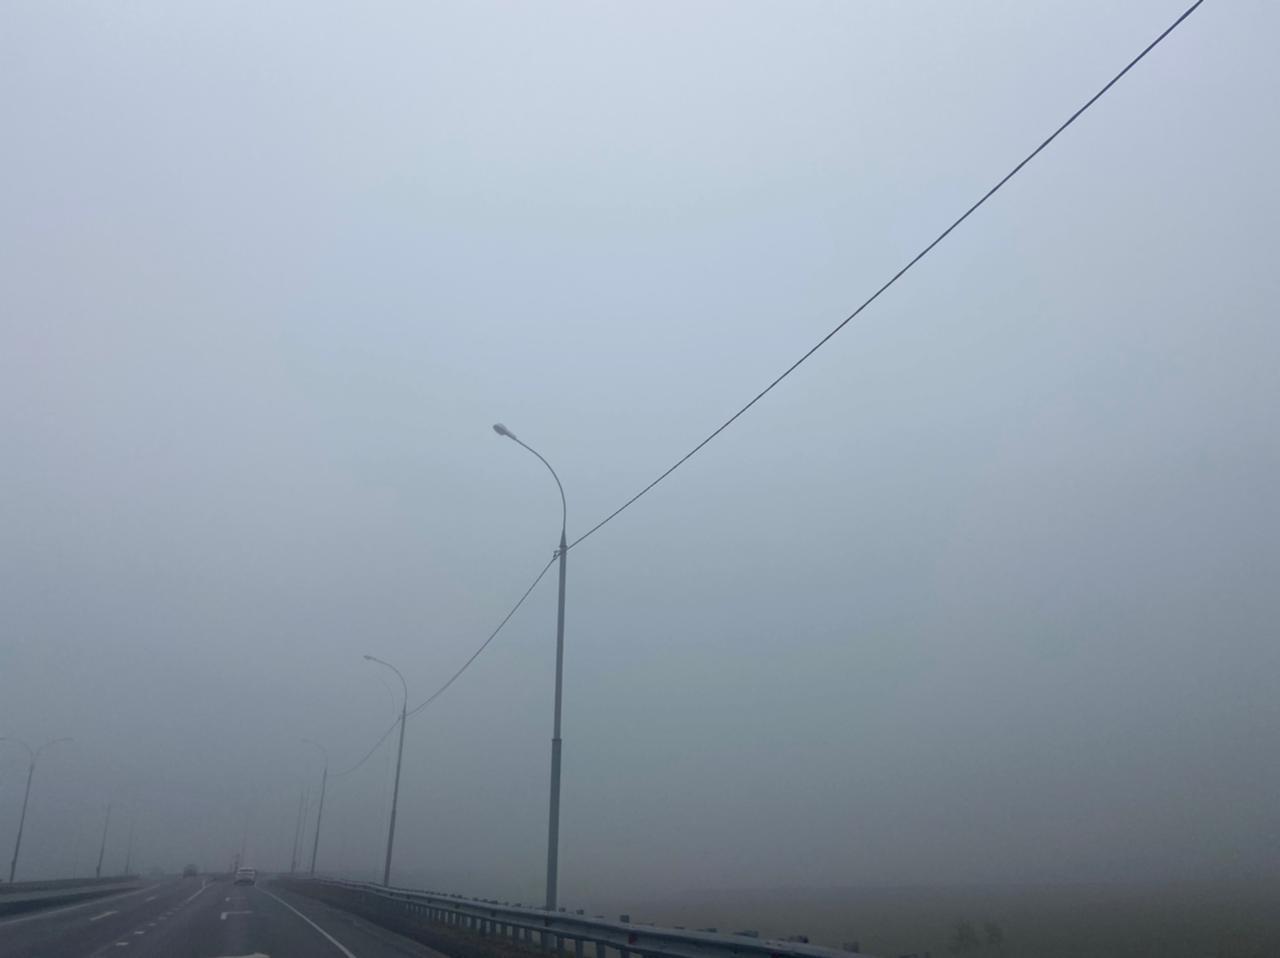 Фото «Выглядит жутковато»: новосибирцы делятся в соцсетях мистическими фото утреннего тумана 10